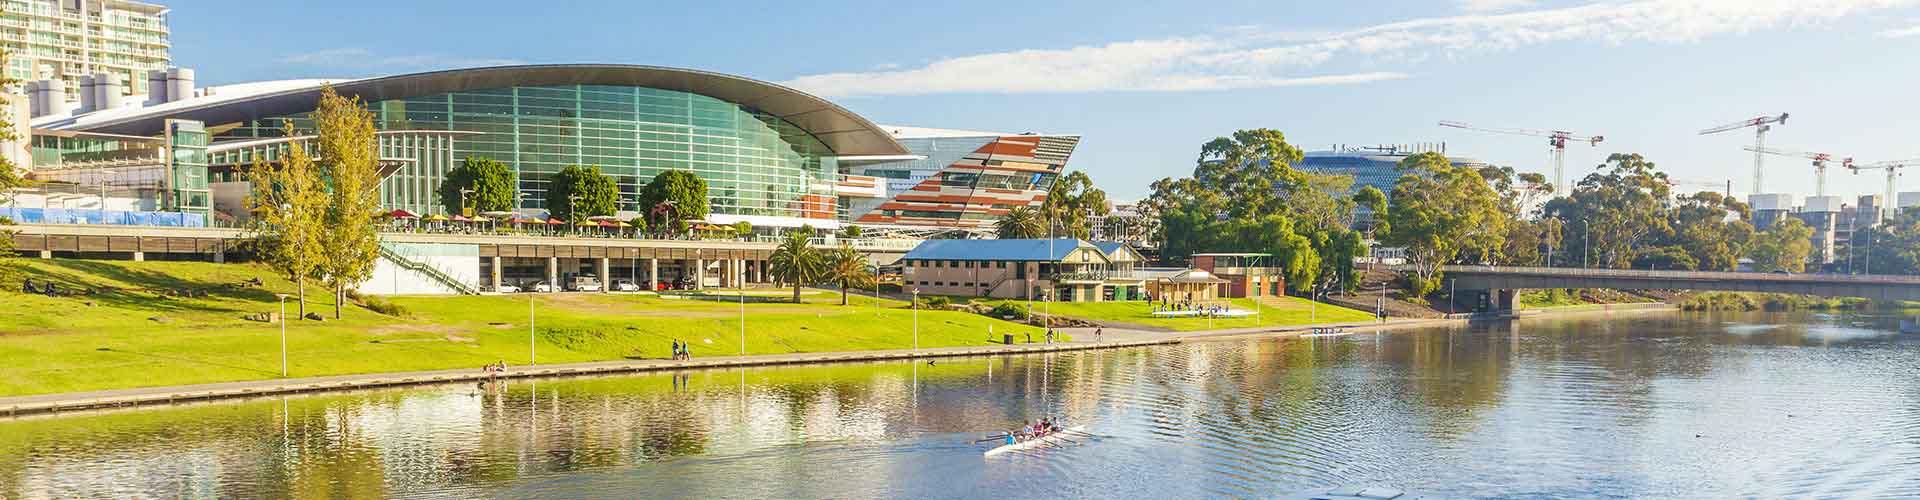 Adelaide - Quartos no Cidade HVelhafast Bay bairro. Mapas para Adelaide, Fotos e Avaliações para cada quarto em Adelaide.